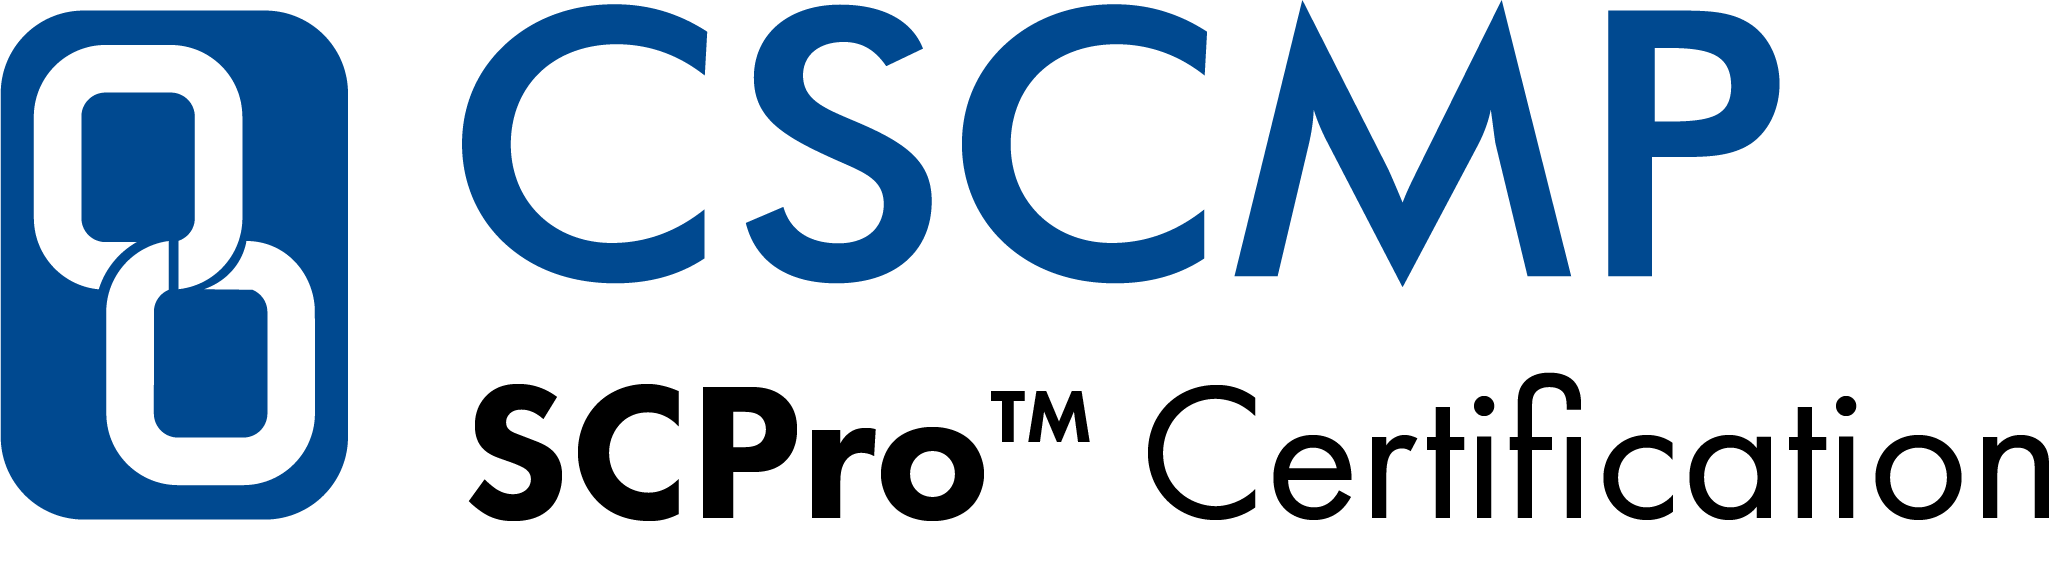 scpro exam bridge cscmp session speakers agenda